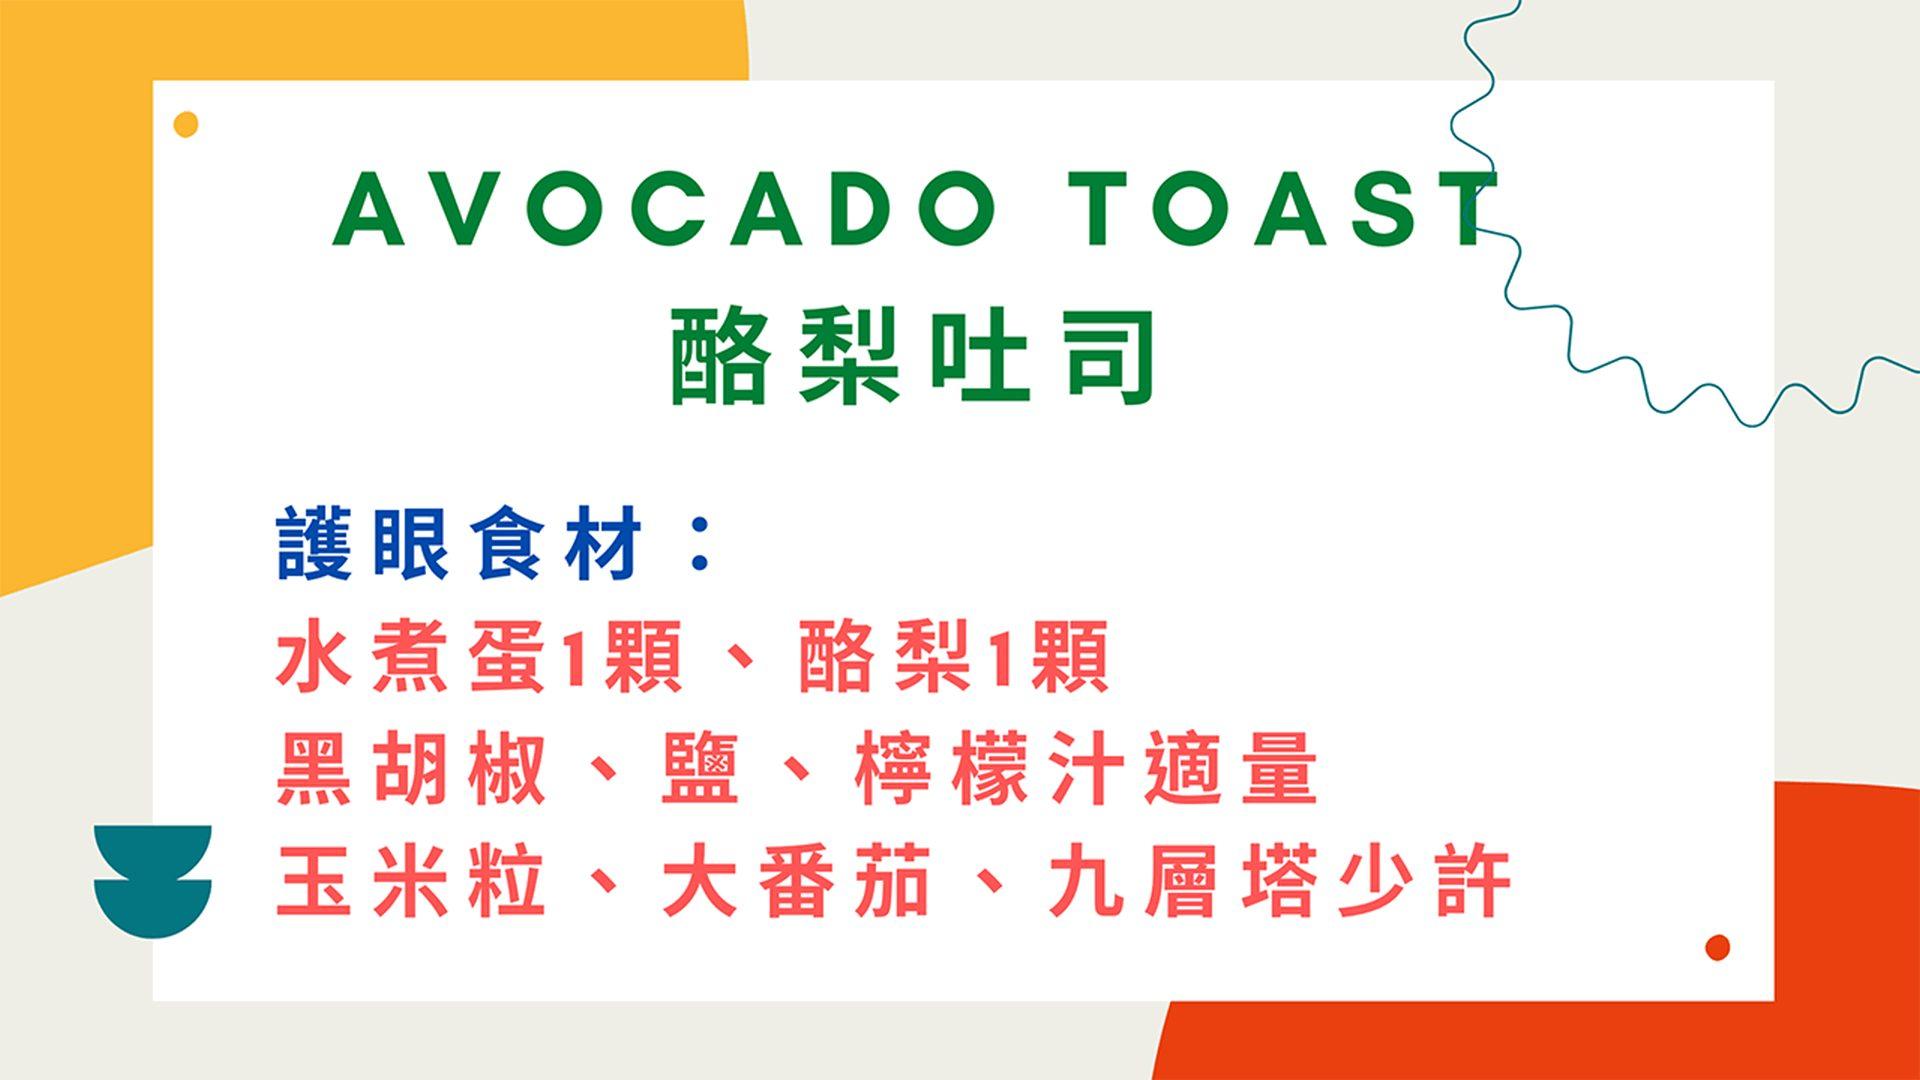 陳冠蓉營養師提供「酪梨吐司食譜」